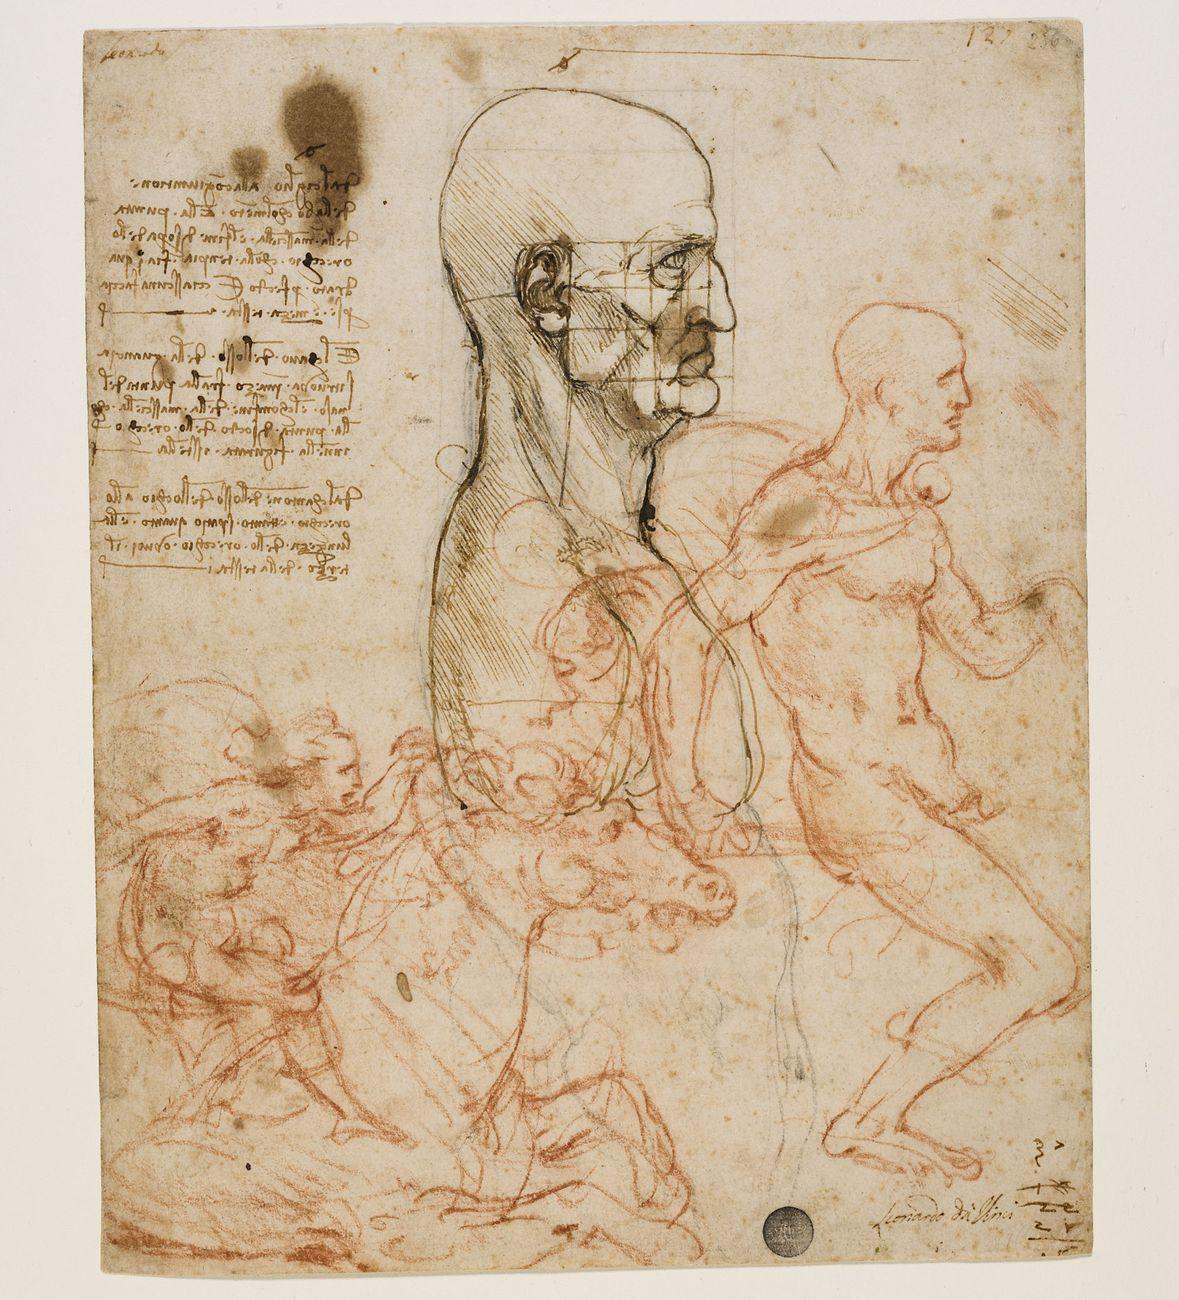 Leonardo da Vinci, Busto d'uomo di profilo con studio di proporzioni, 1489 90. Venezia, Gallerie dell'Accademia, Gabinetto Disegni e stampe © Archivio fotografico G.A.VE. Photo Matteo De Fina